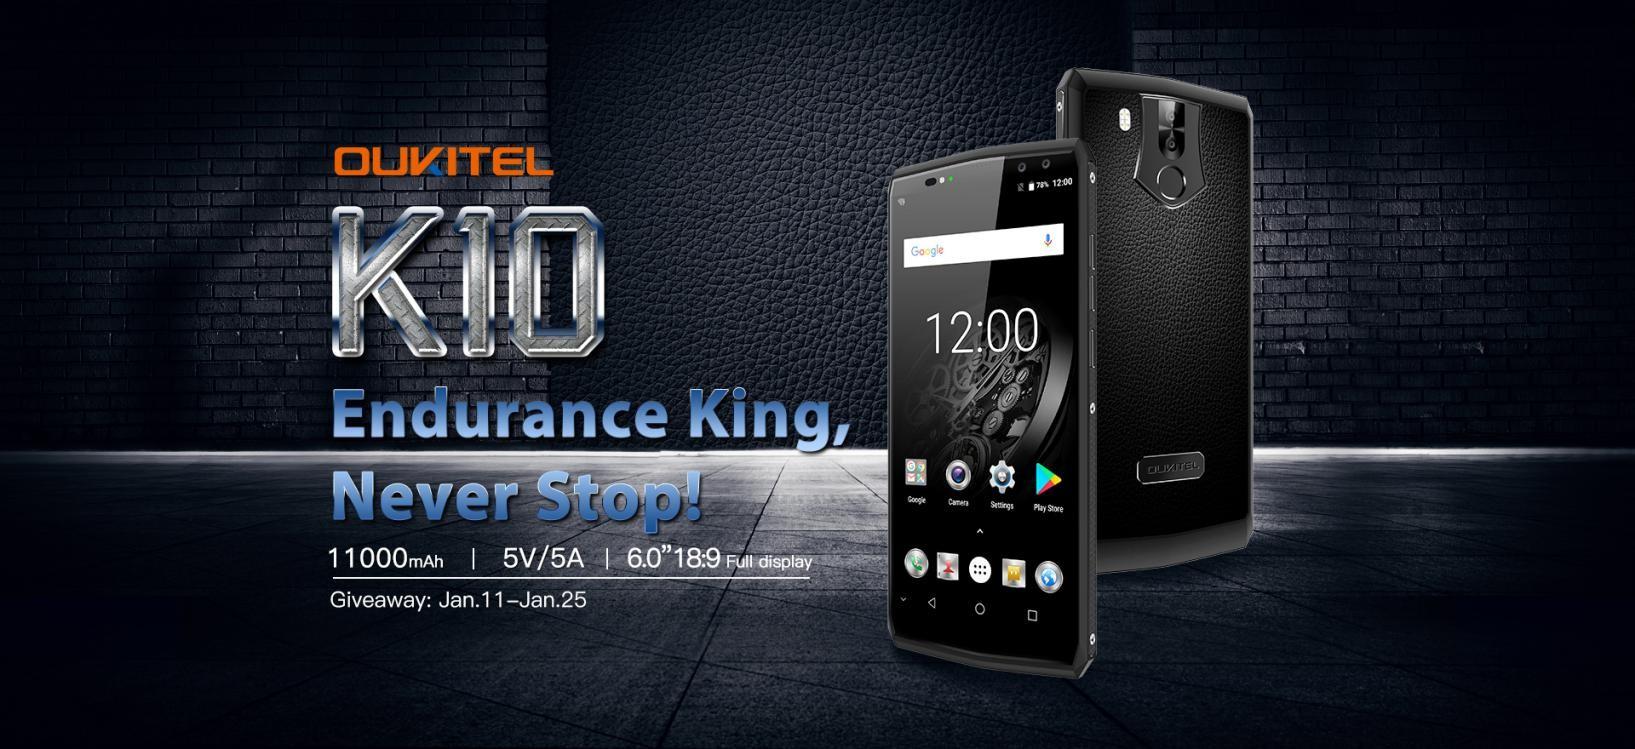 OUKITEL K10, il primo cellulare con batteria da 11000 mAh: confermate le specifiche